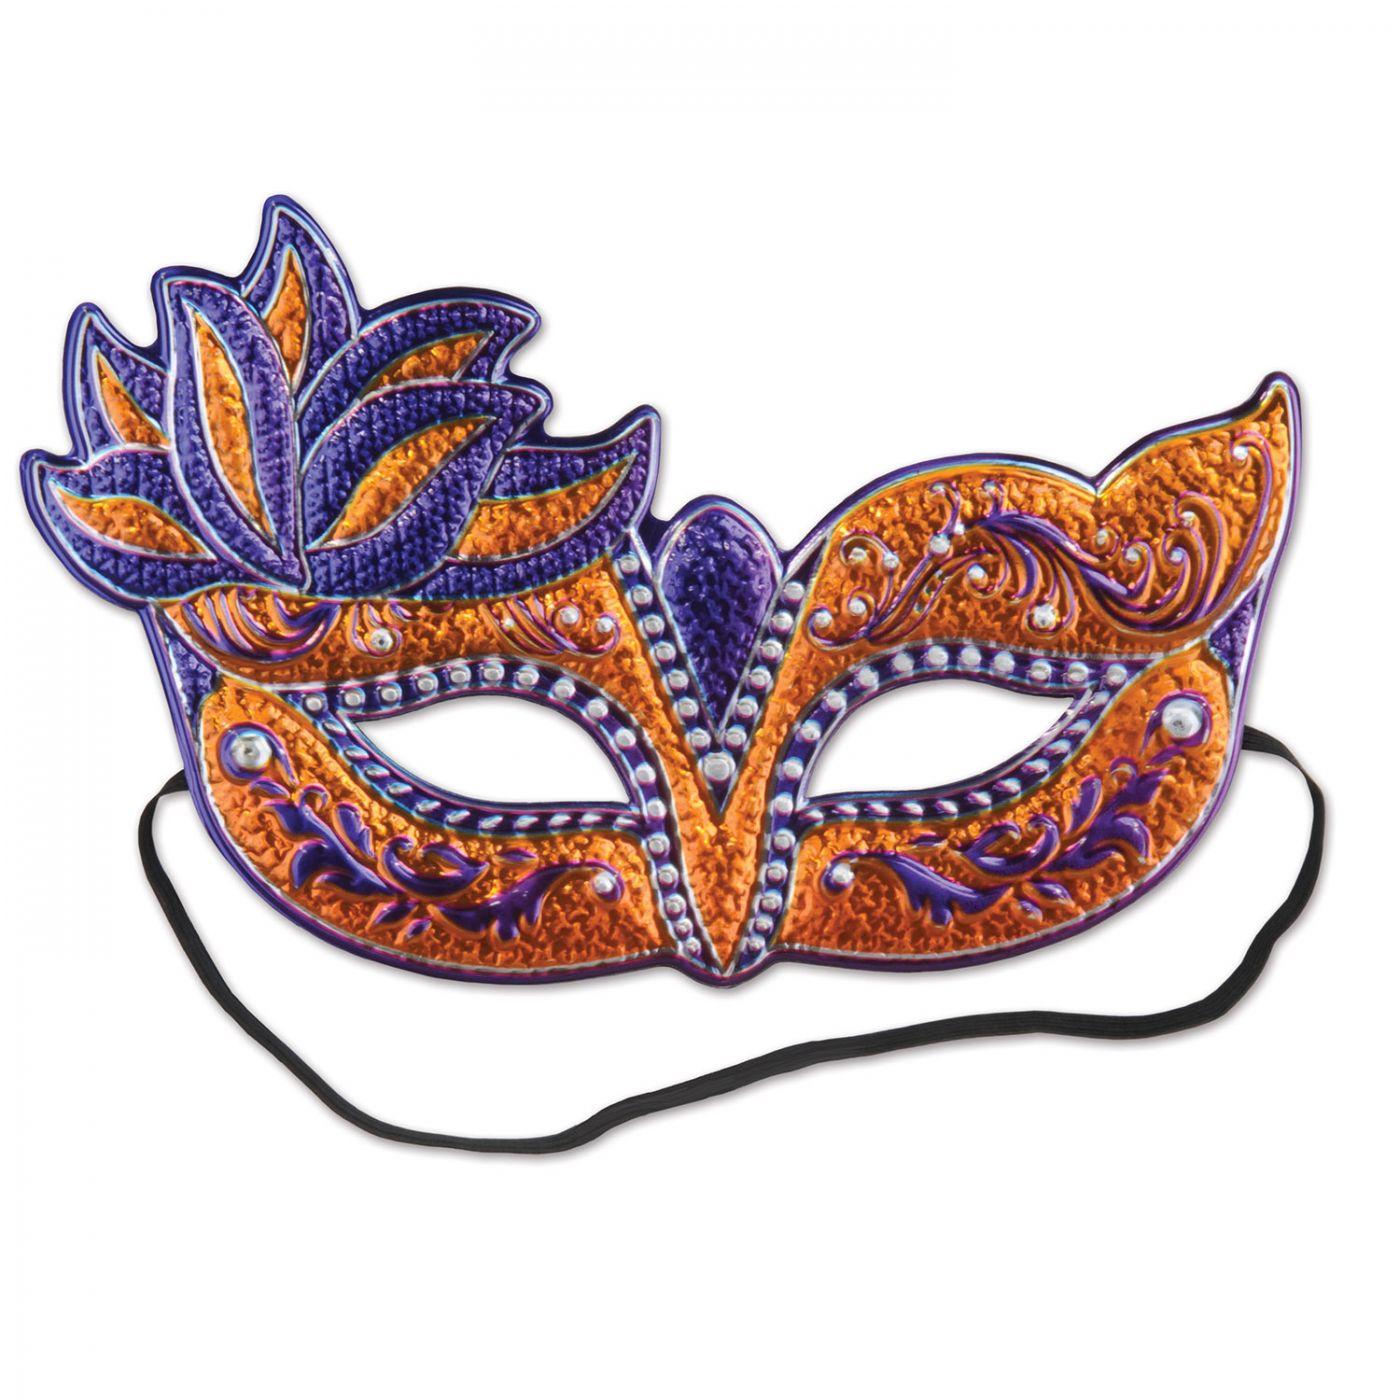 Costume Mask image